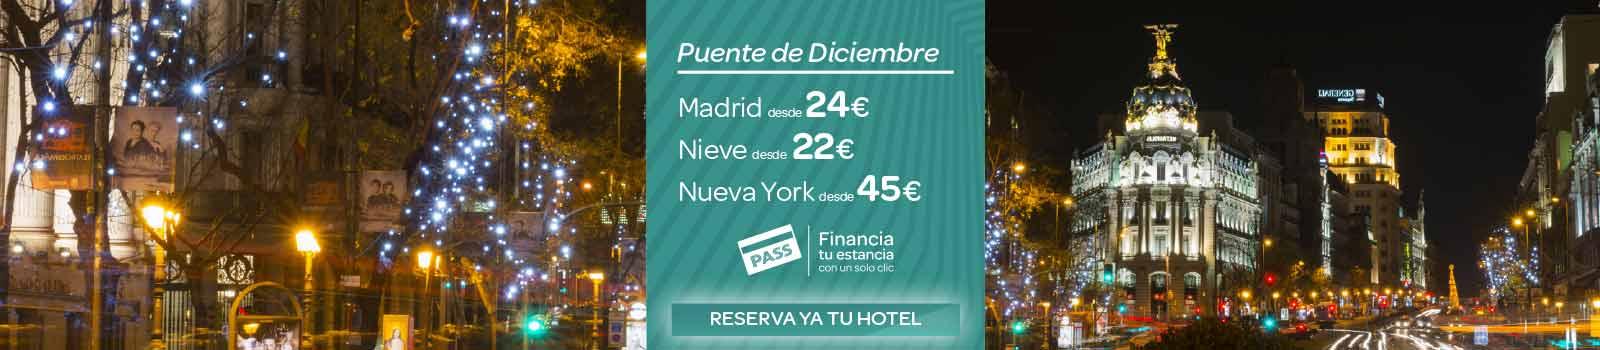 Ofertas Hoteles Puente de Diciembre